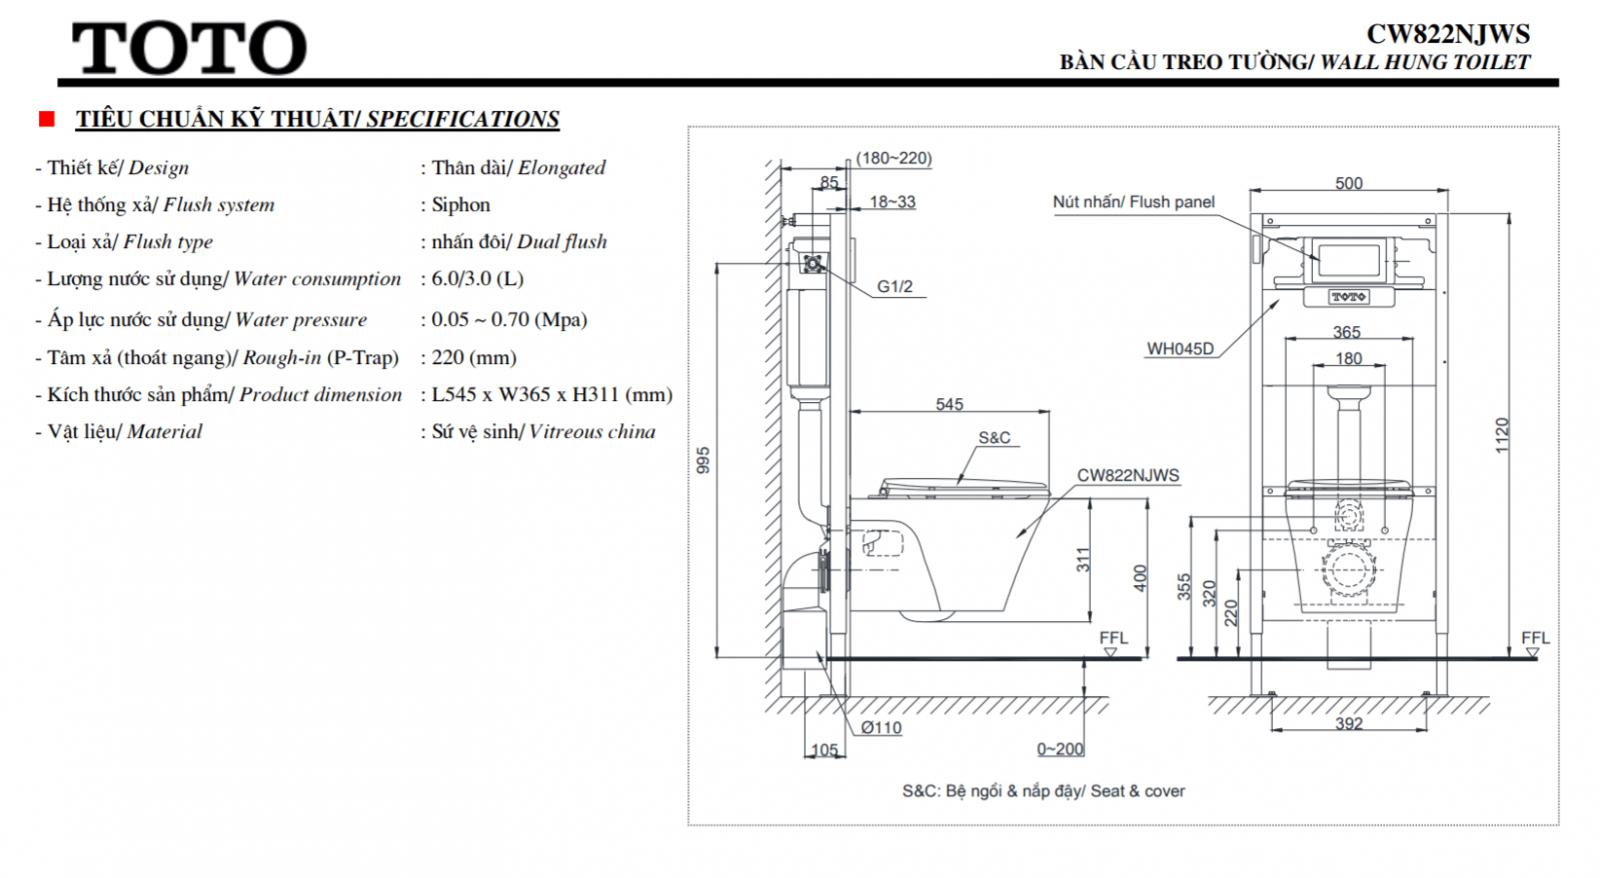 thông số kĩ thuật bồn cầu treo tường toto CW822NJWS/TC393VS